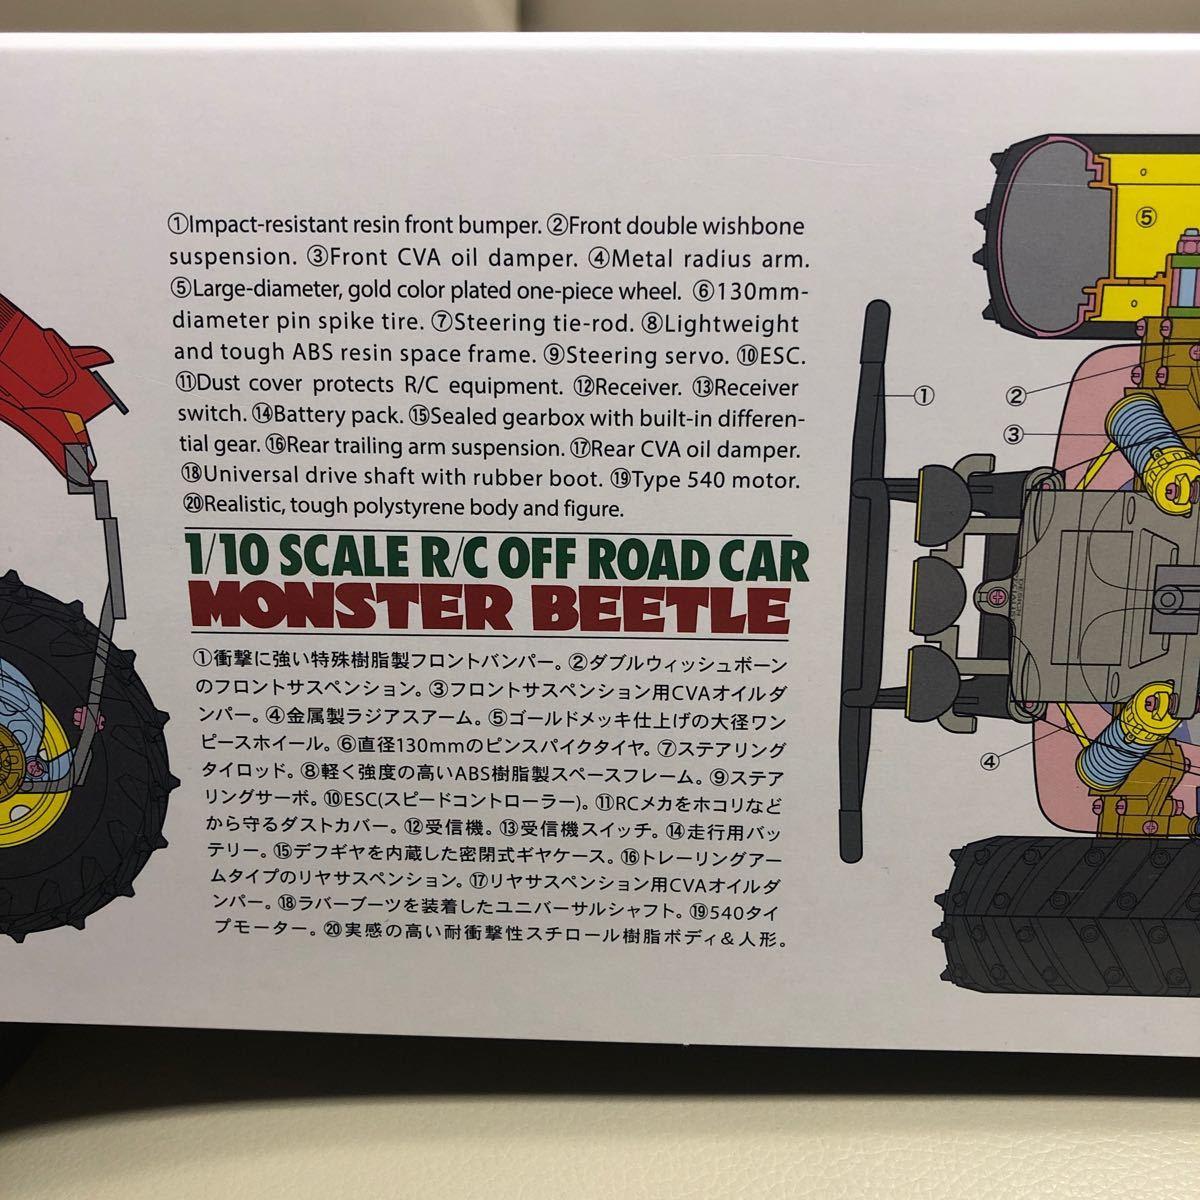 タミヤ モンスタービートル(2015)1/10電動オフロードカー ITEM 58618